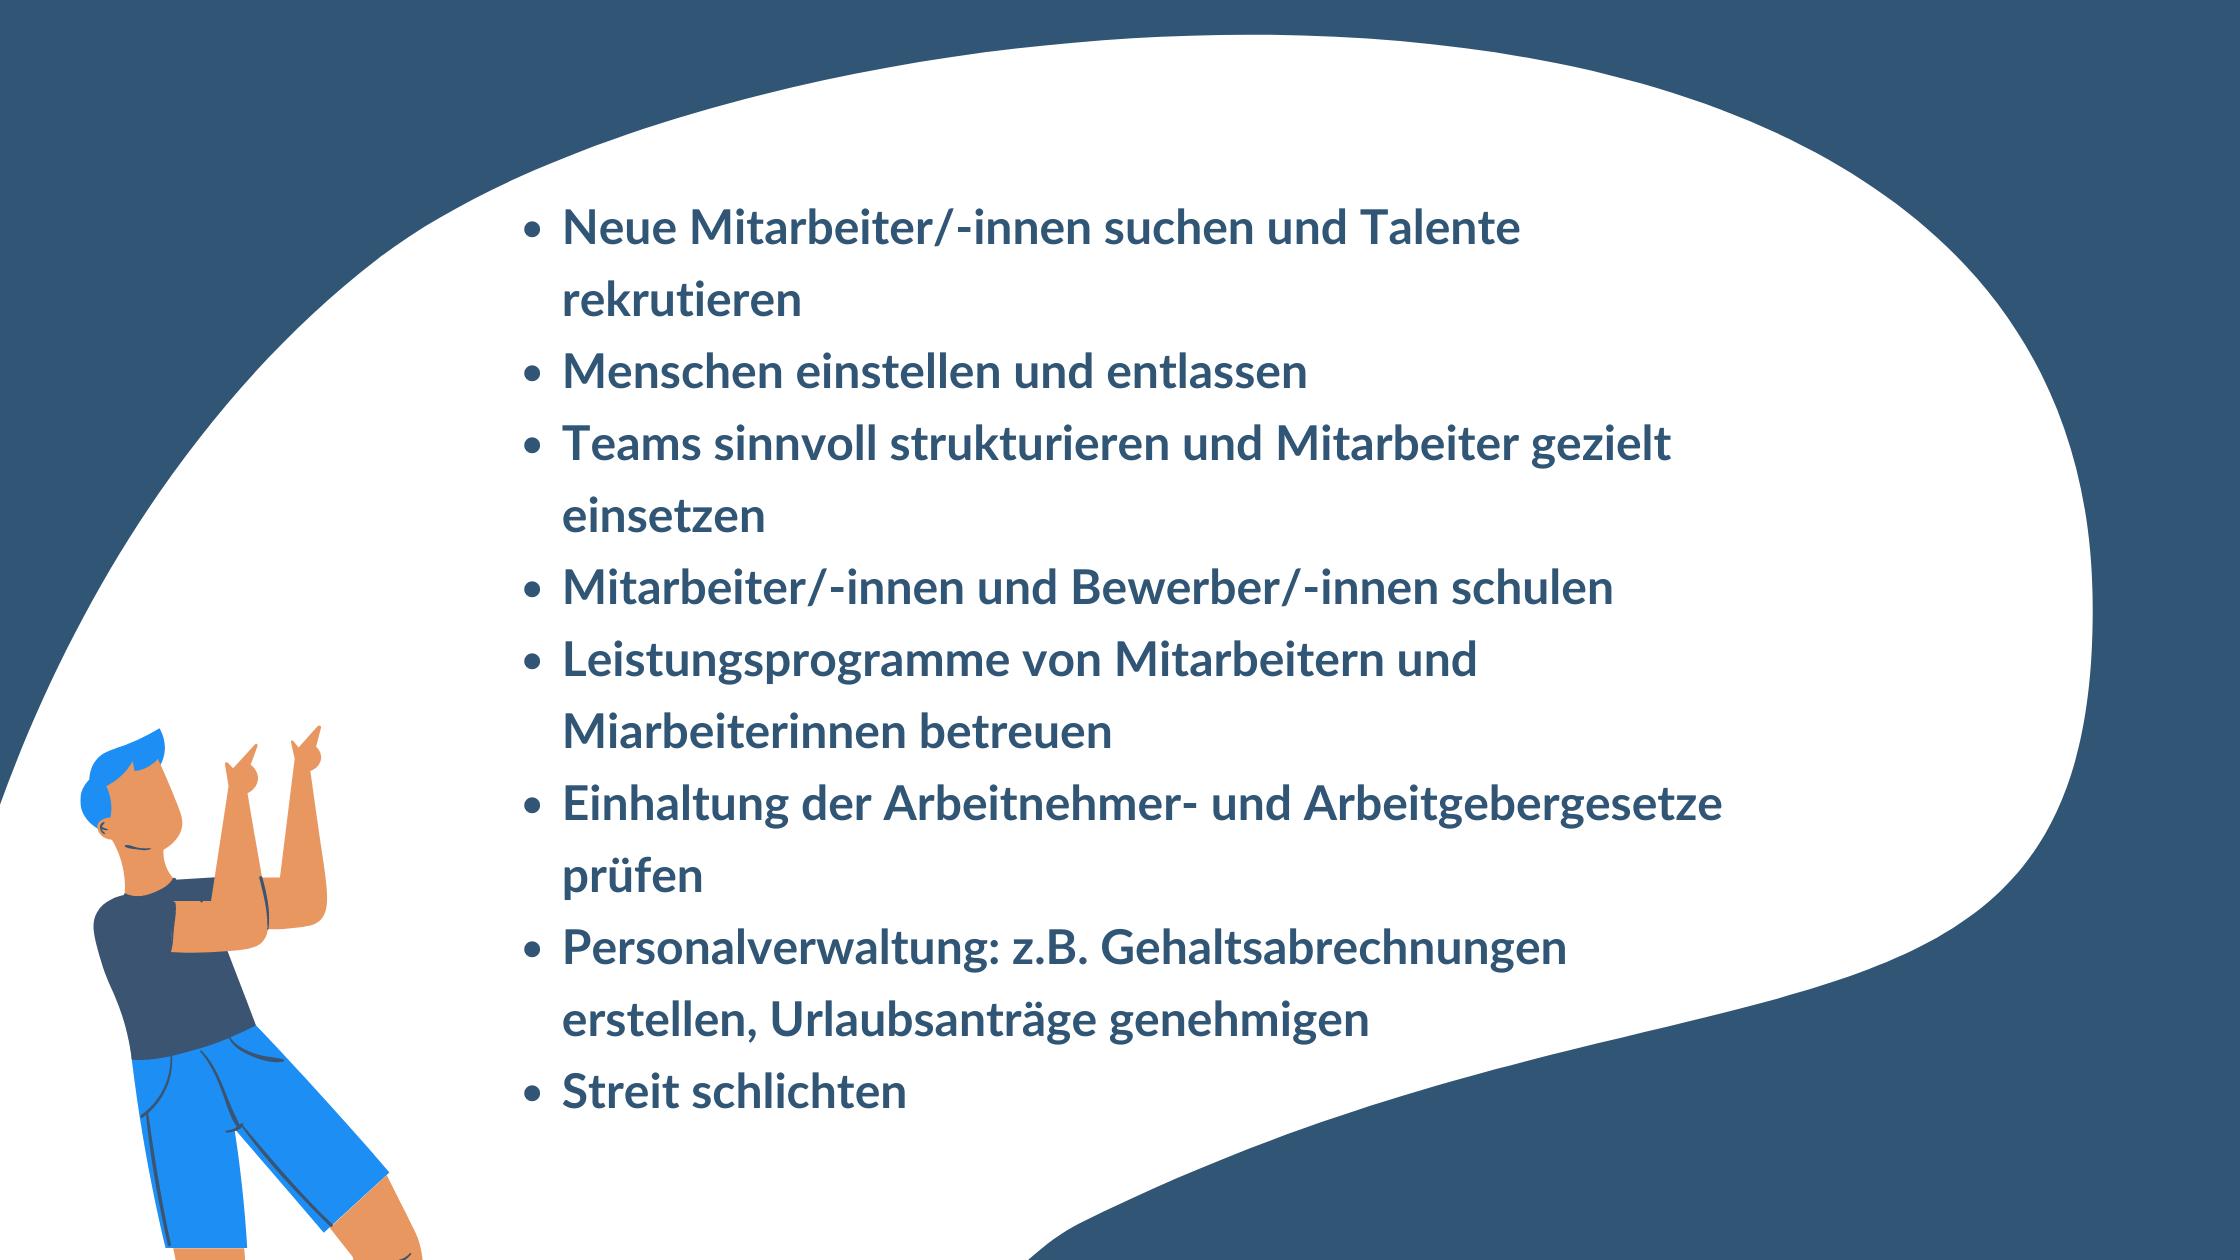 Neue Mitarbeiter-innen suchen und Talente rekrutieren Menschen einstellen und entlassen Teams sinnvoll strukturieren und Mitarbeiter gezielt einsetze